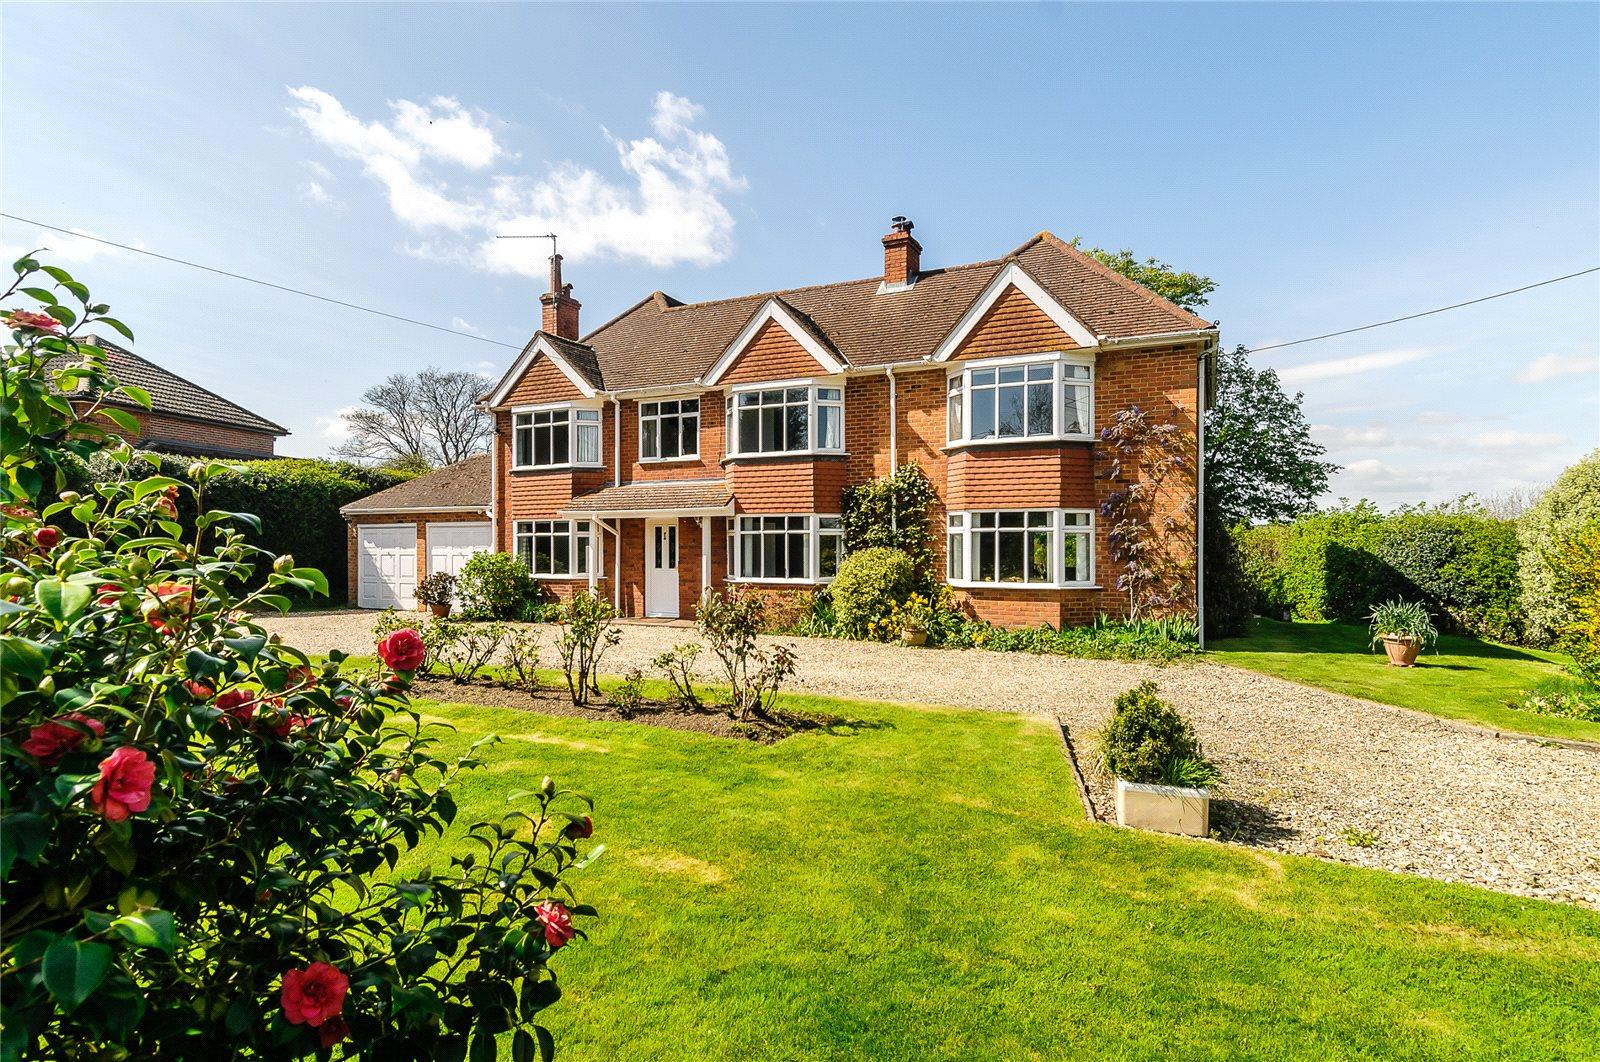 Maison unifamiliale pour l Vente à Hopgoods Green, Bucklebury, Reading, RG7 Reading, Angleterre